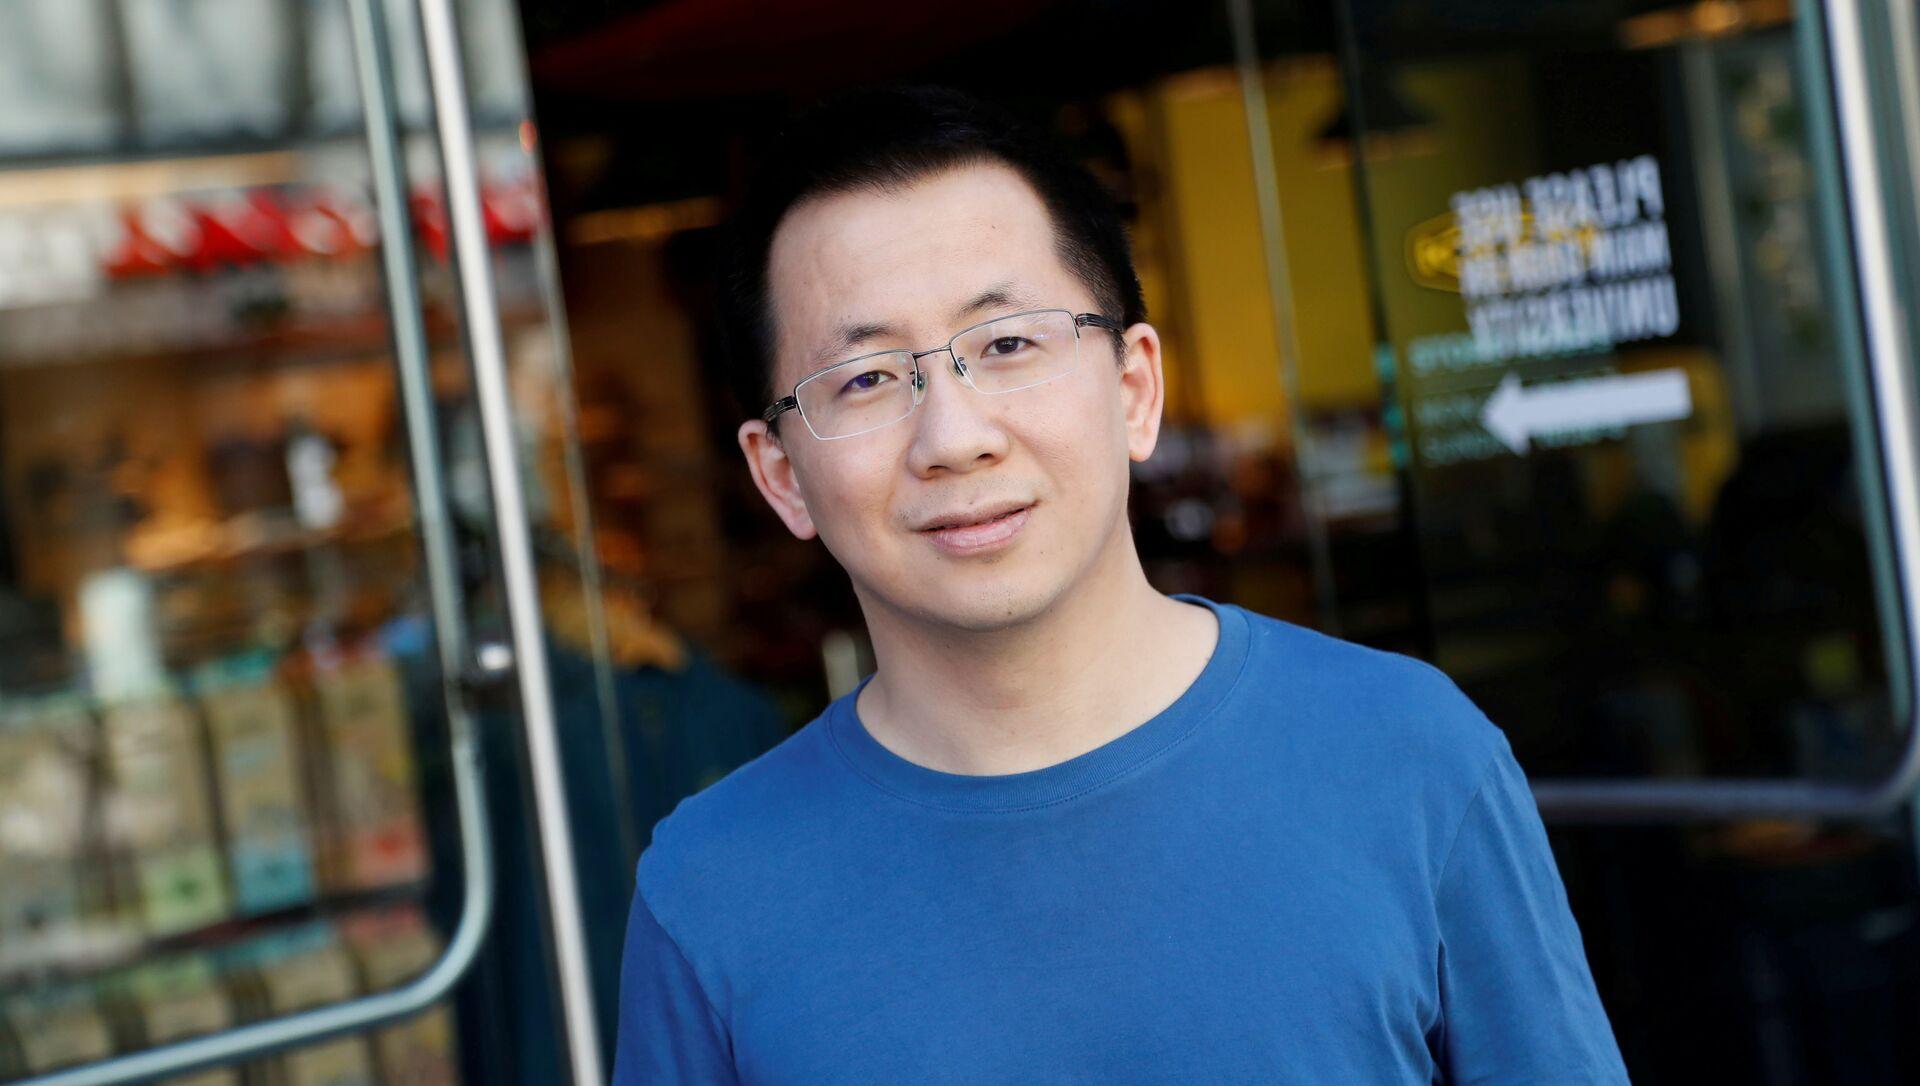 Nhà sáng lập kiêm Giám đốc điều hành của ByteDance, một công ty Trung Quốc sở hữu ứng dụng TikTok, Zhang Yiming - Sputnik Việt Nam, 1920, 20.05.2021